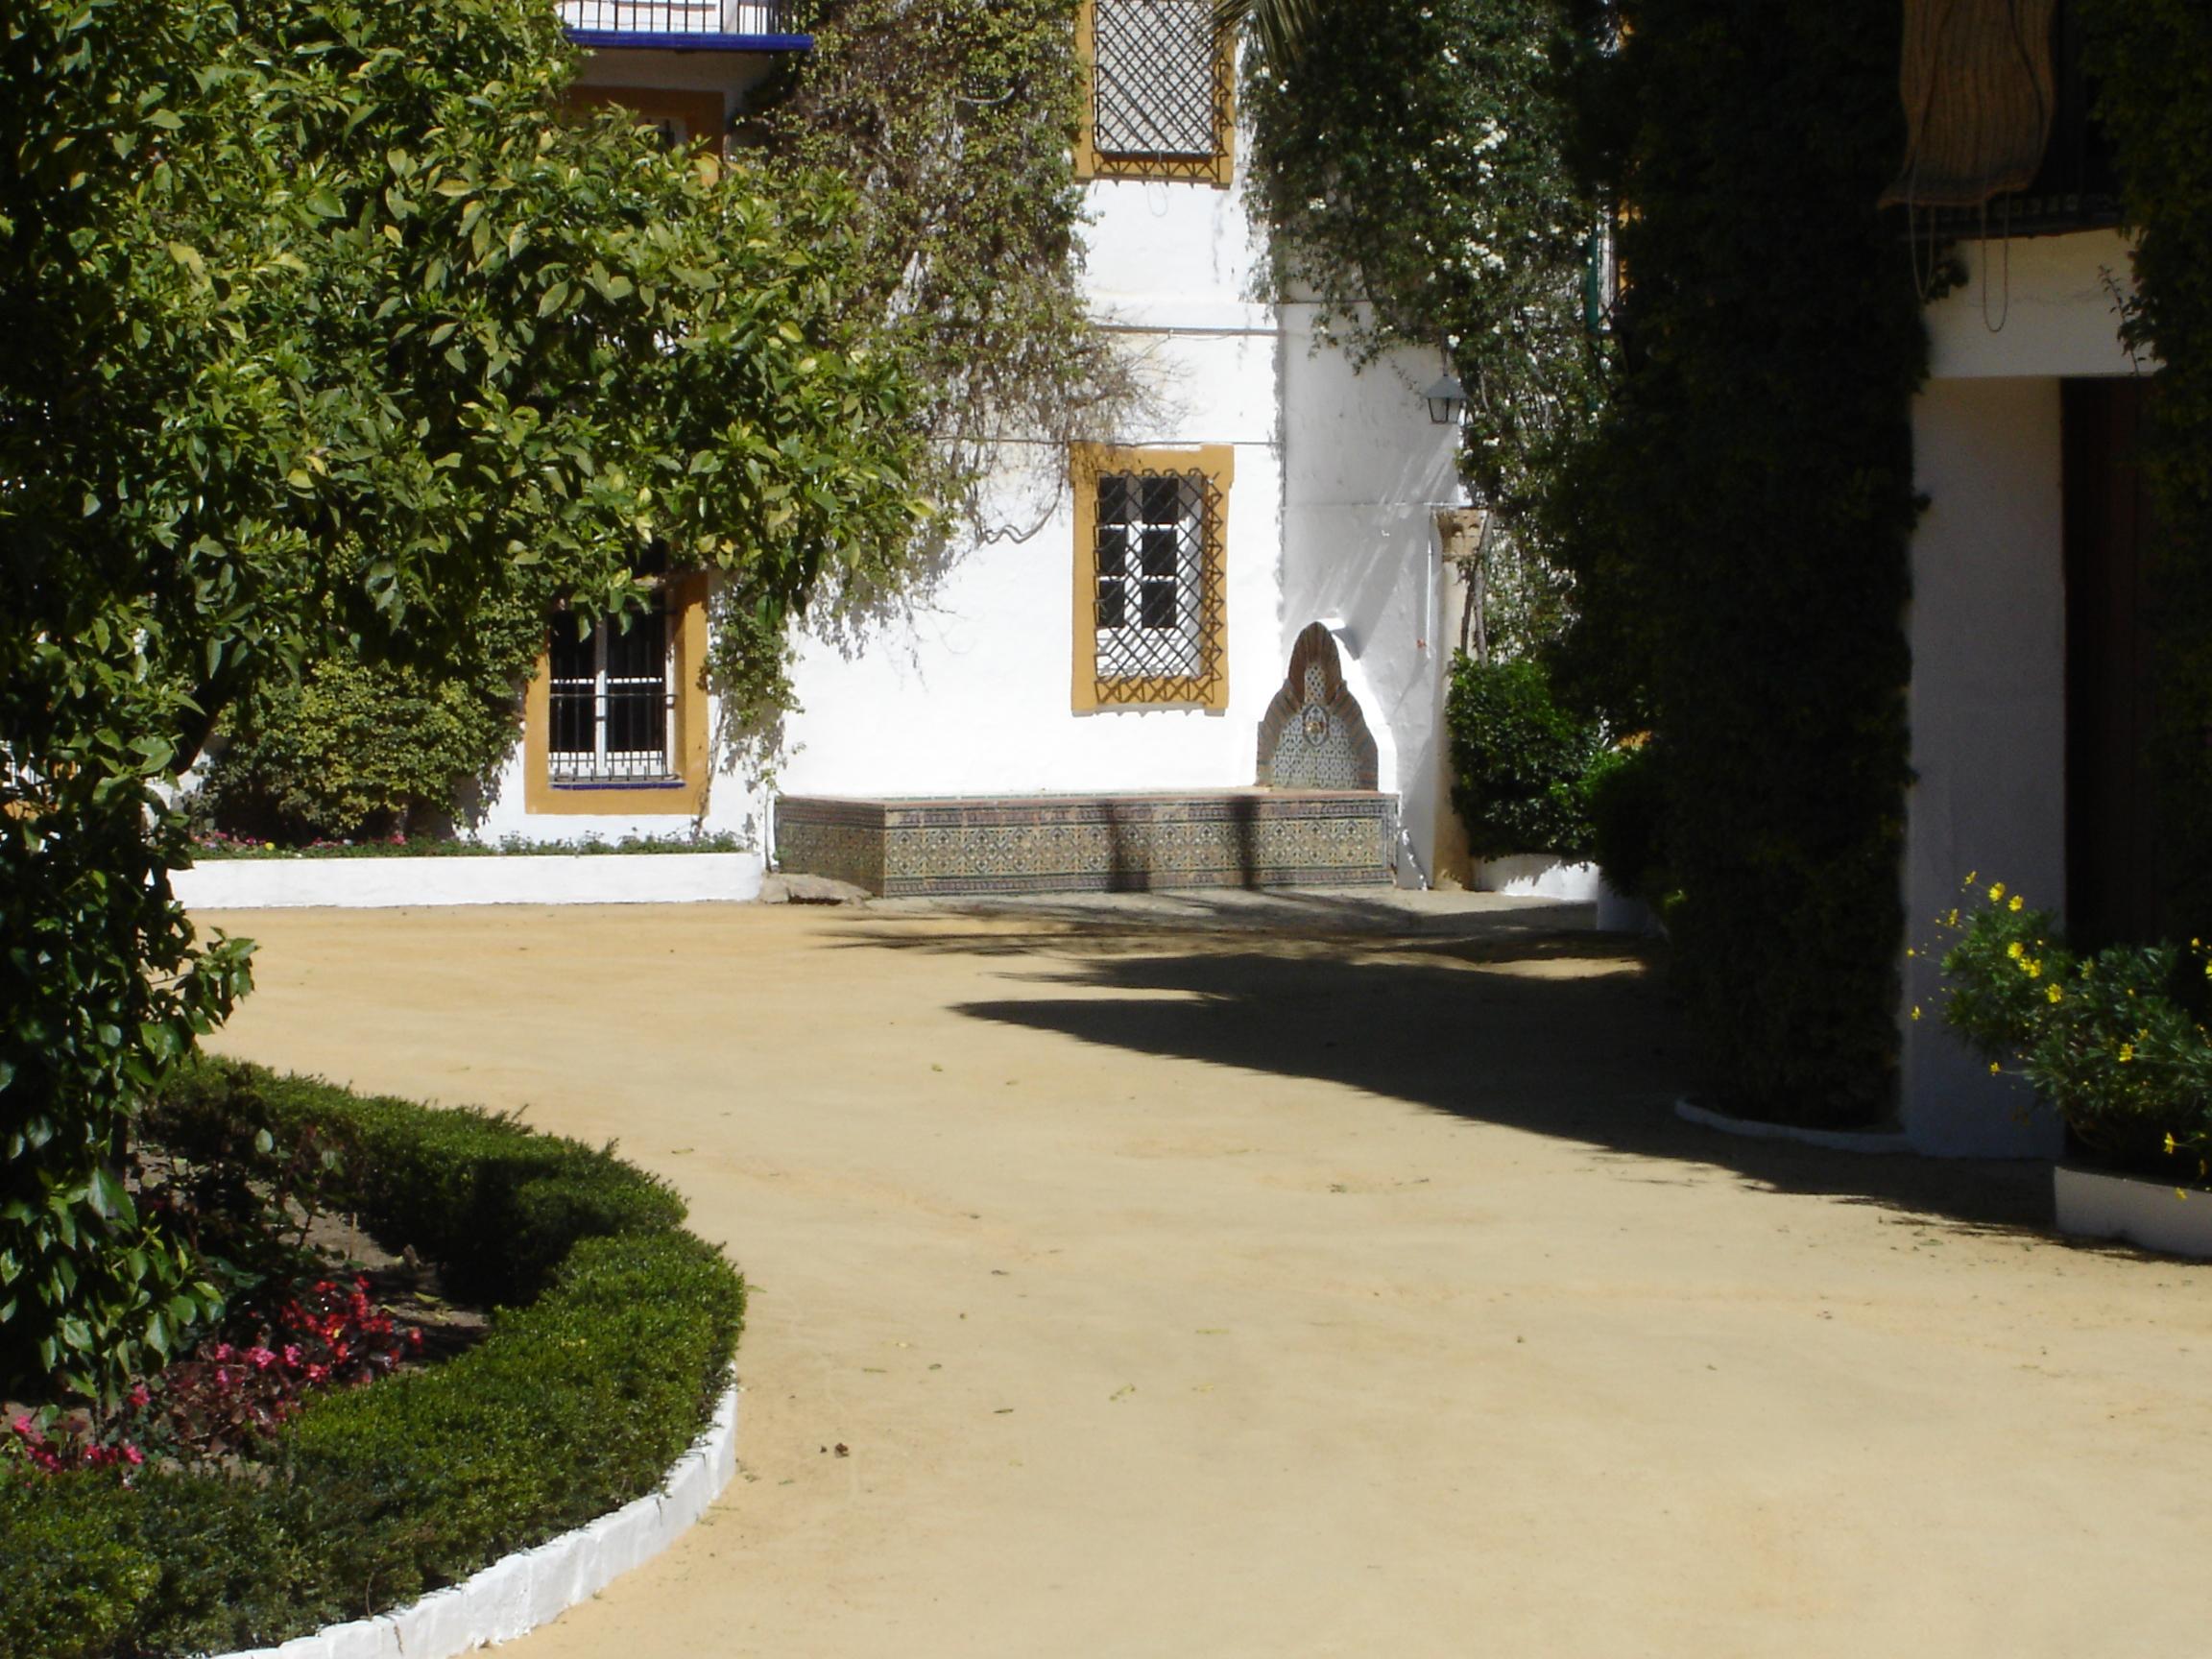 El rincón de la alberca en uno de los patios del Palacio de las Dueñas, en una de cuyas viviendas nació, en 1875, Antonio Machado.